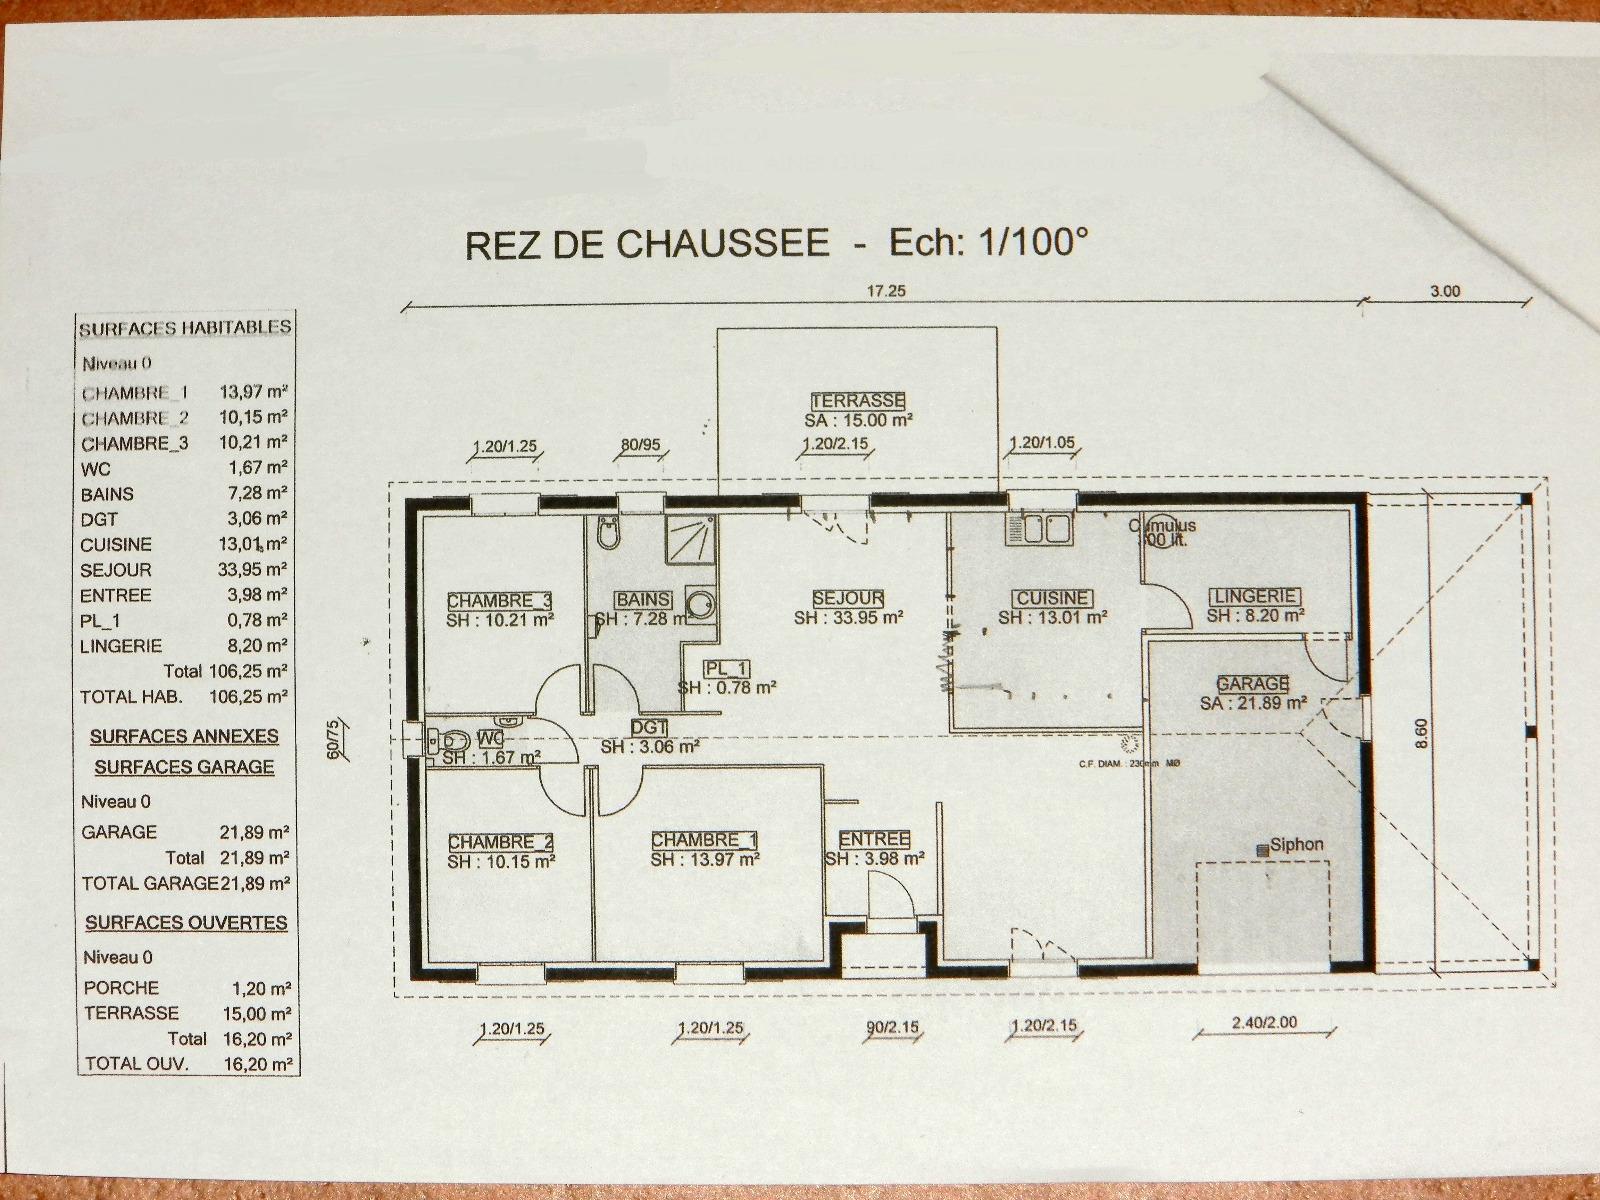 Vente louhans 71500 maison de plain pied 2009 106 m for Plan maison sur terrain